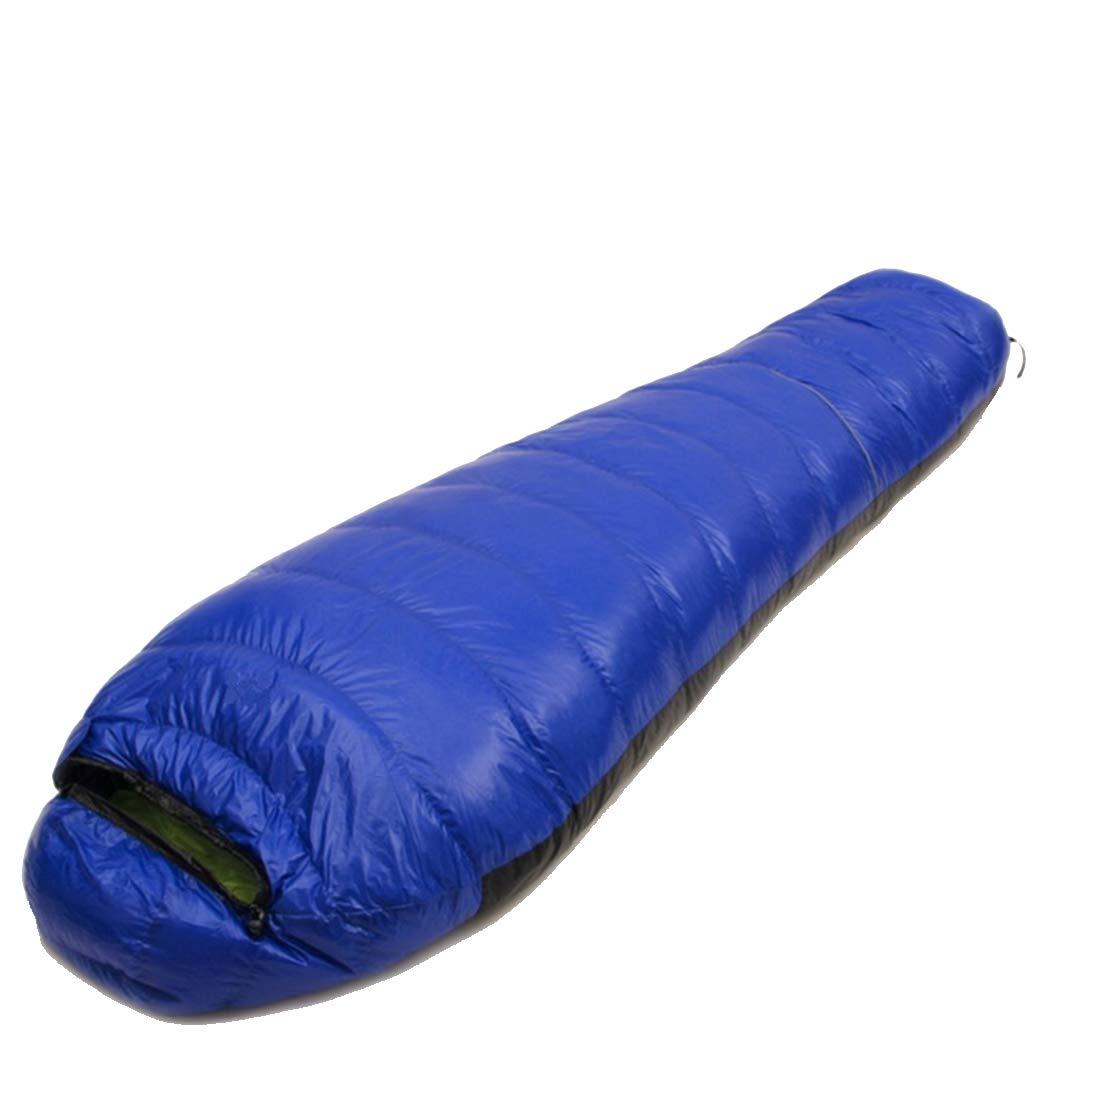 Olprkgdg Kompressions-Sack-Ultra Leichter Leichter Leichter Schlafsack für das Kampieren (Farbe   Grün, Größe   1200g) B07L3FM8G9 Schlafscke Ausgezeichnet 03a88a